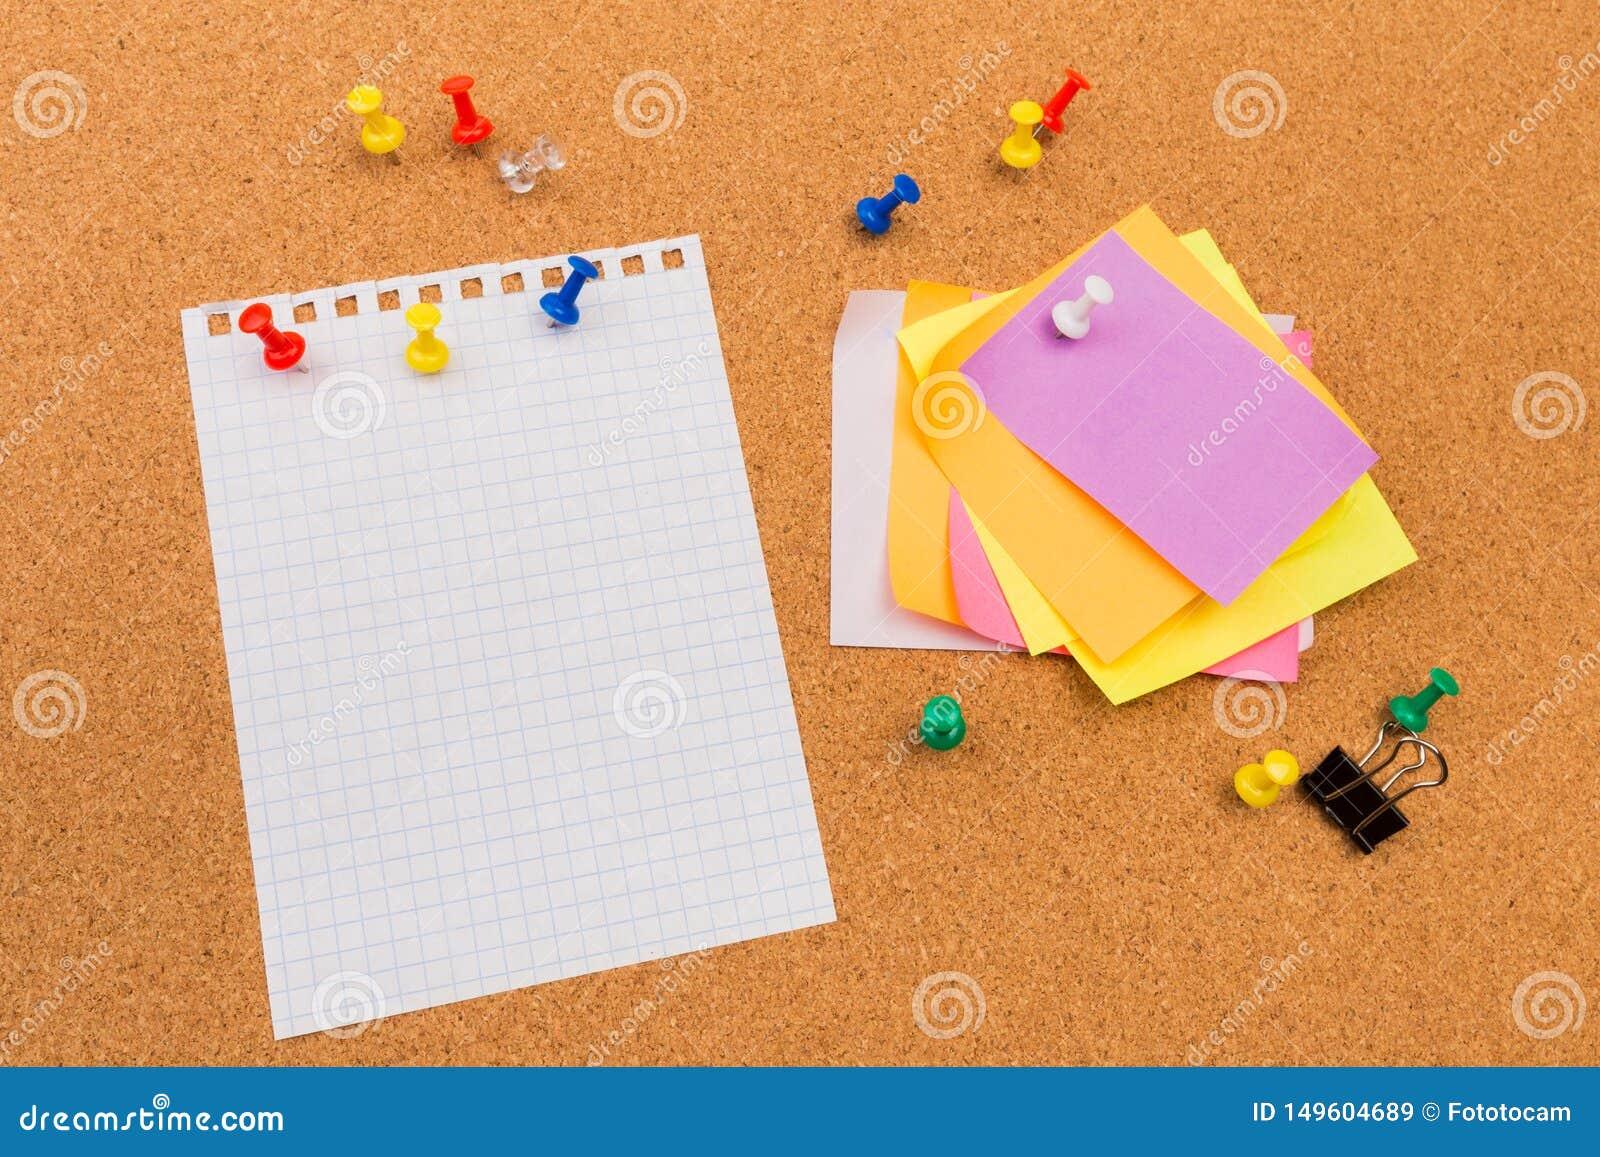 Korkenbrett mit festgesteckten farbigen leeren Anmerkungen - Bild